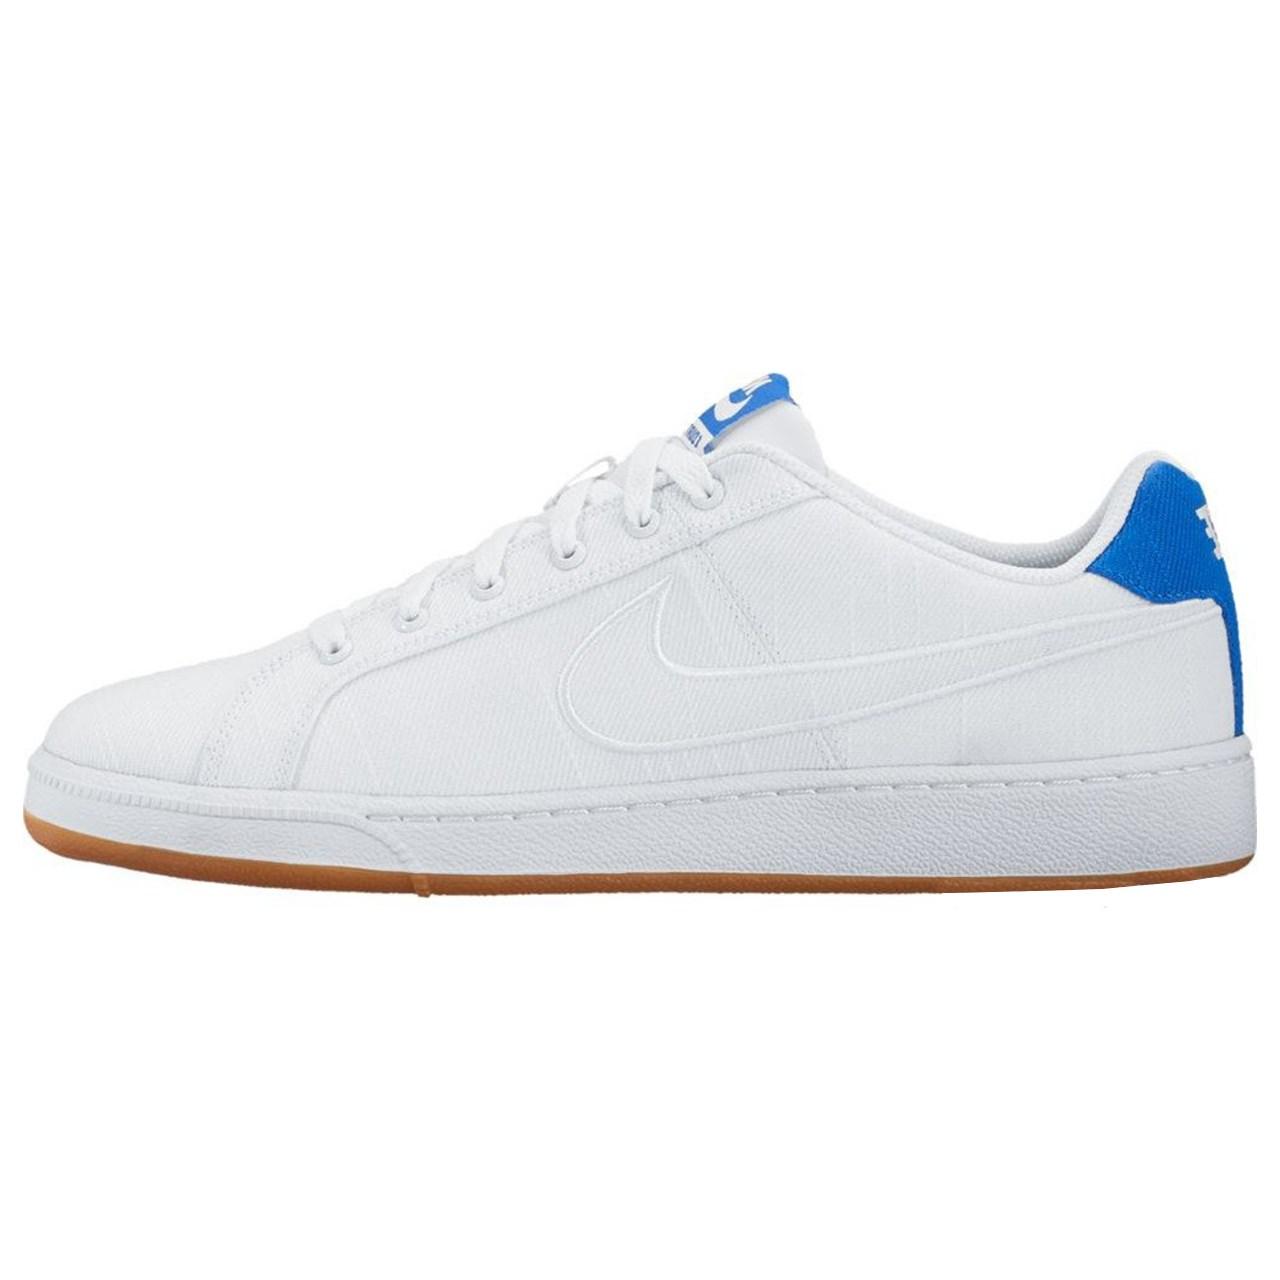 کفش مخصوص تنیس مردانه نایک  مدلCOURT ROYALE PREM